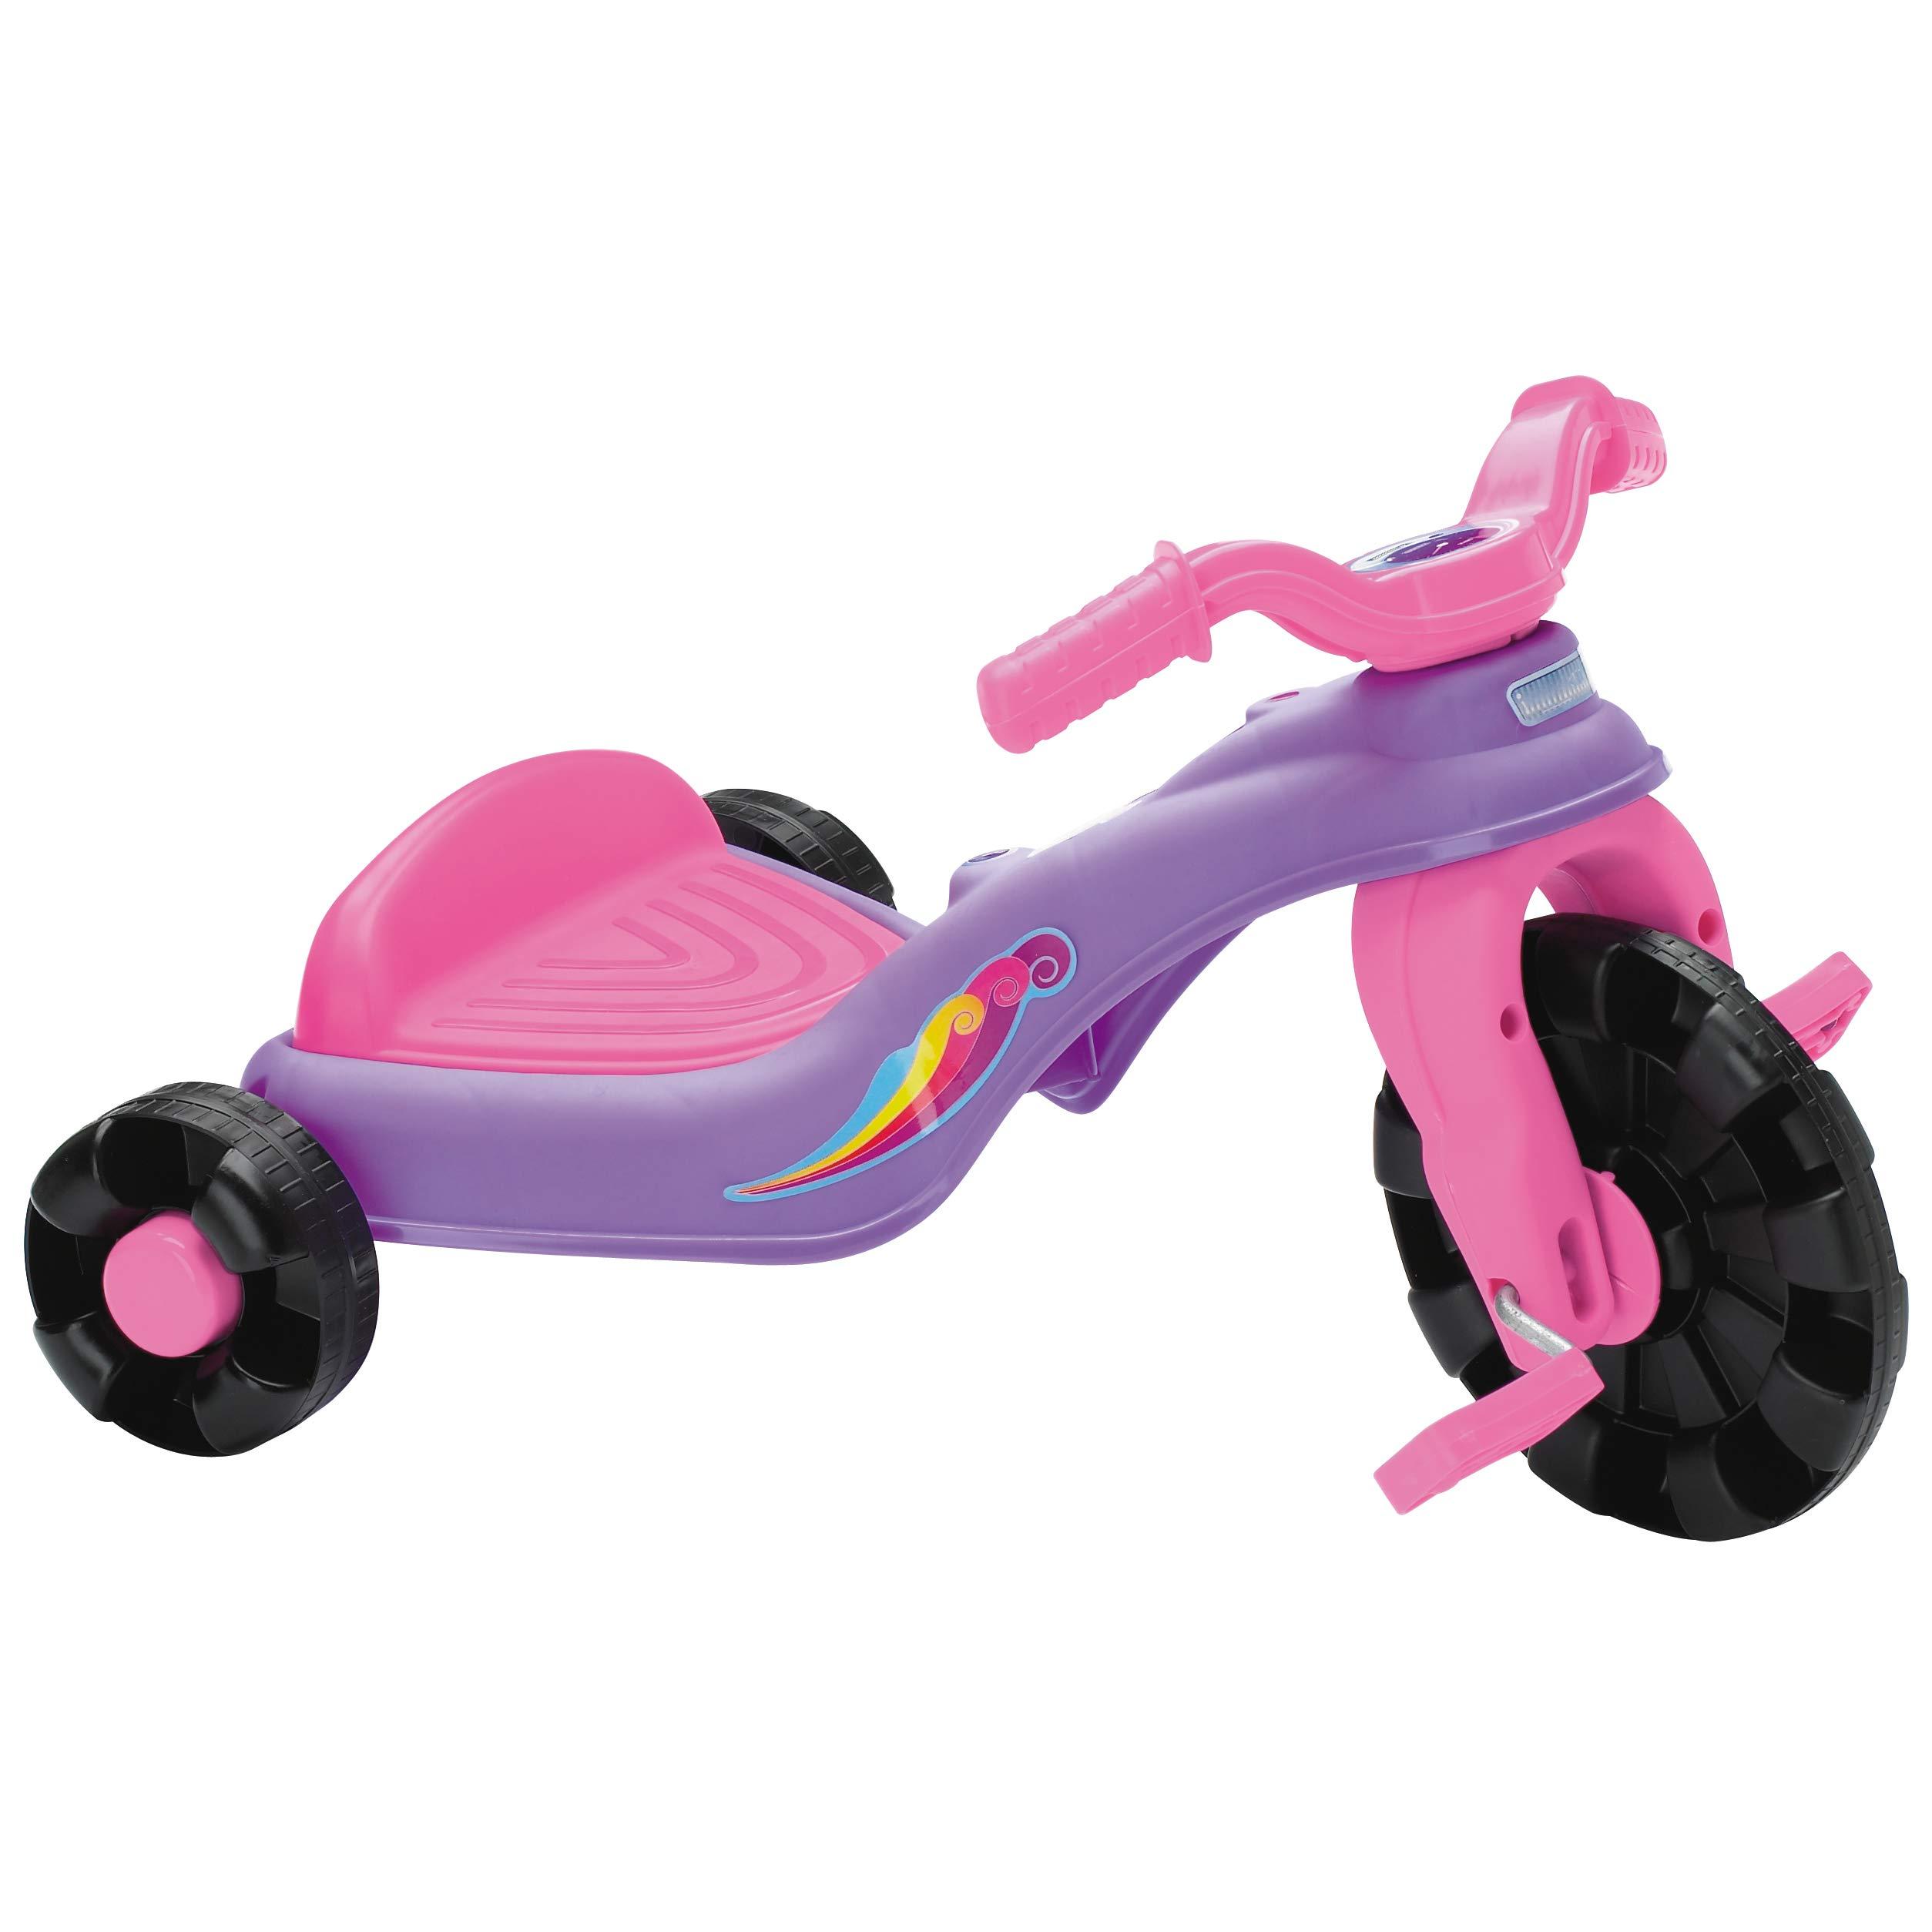 American Plastic Toy Sweet Petite Trike